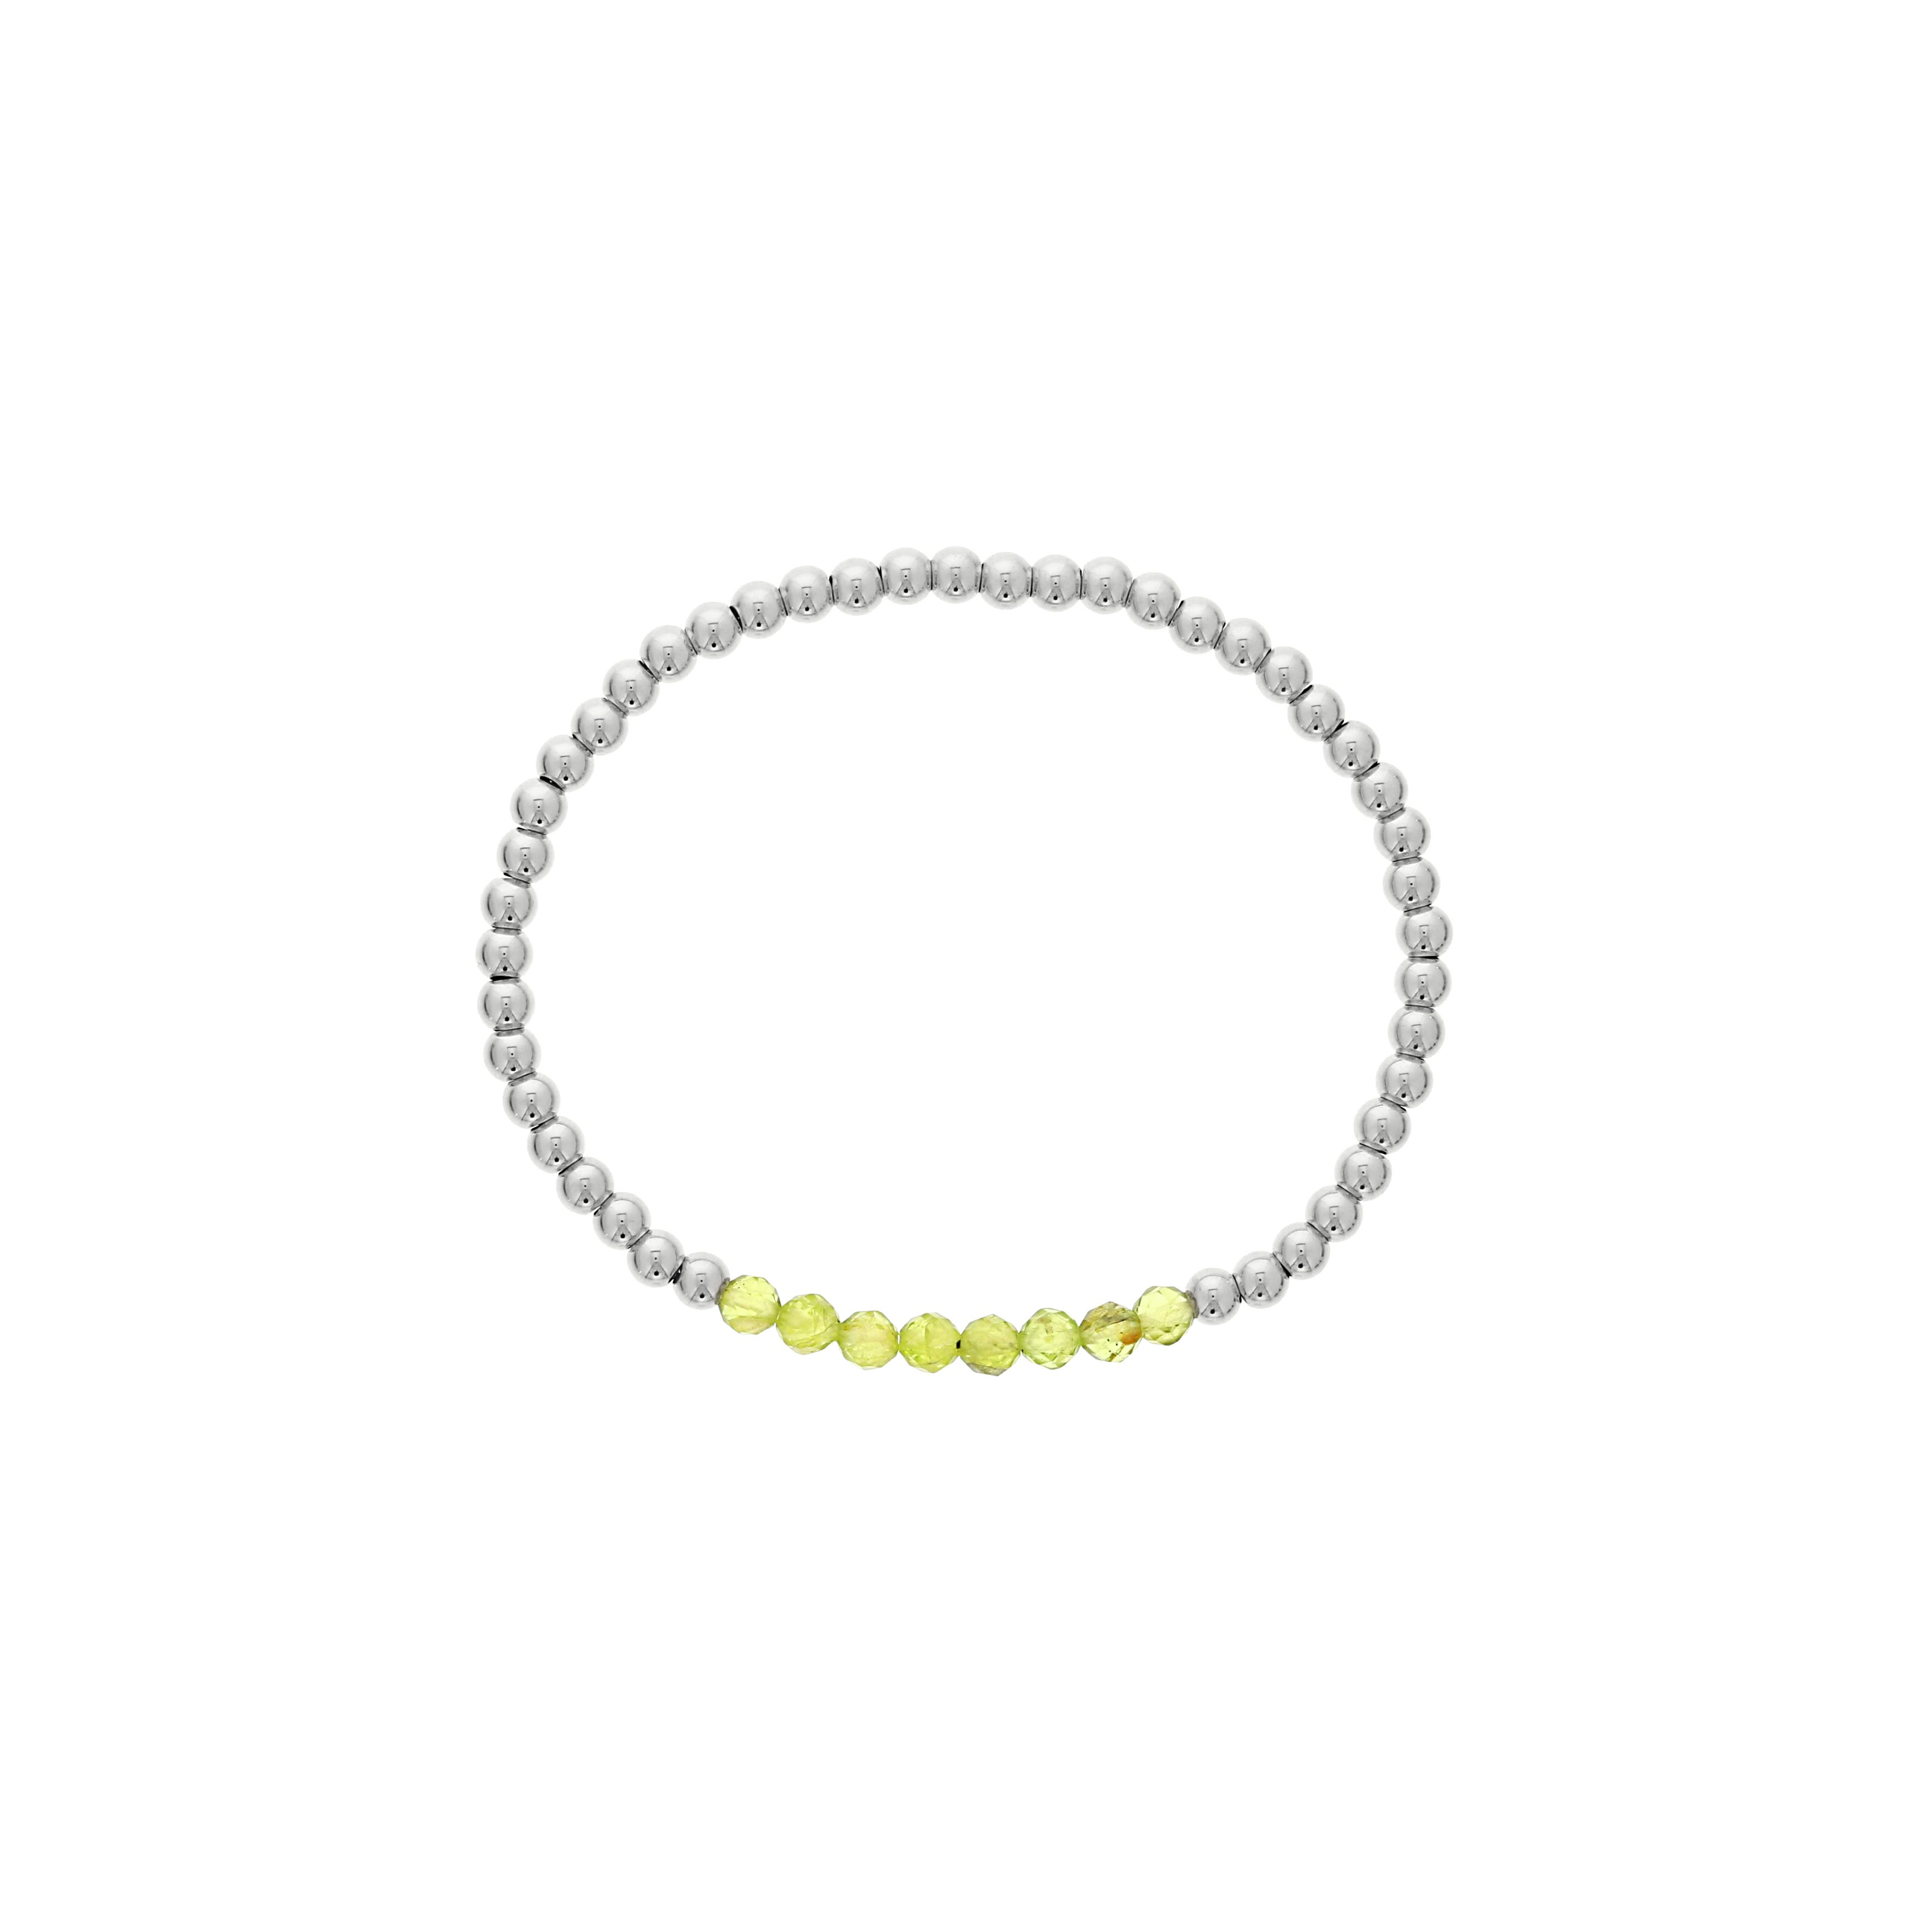 Peridot Birthstone Beaded Bracelet in Sterling Silver